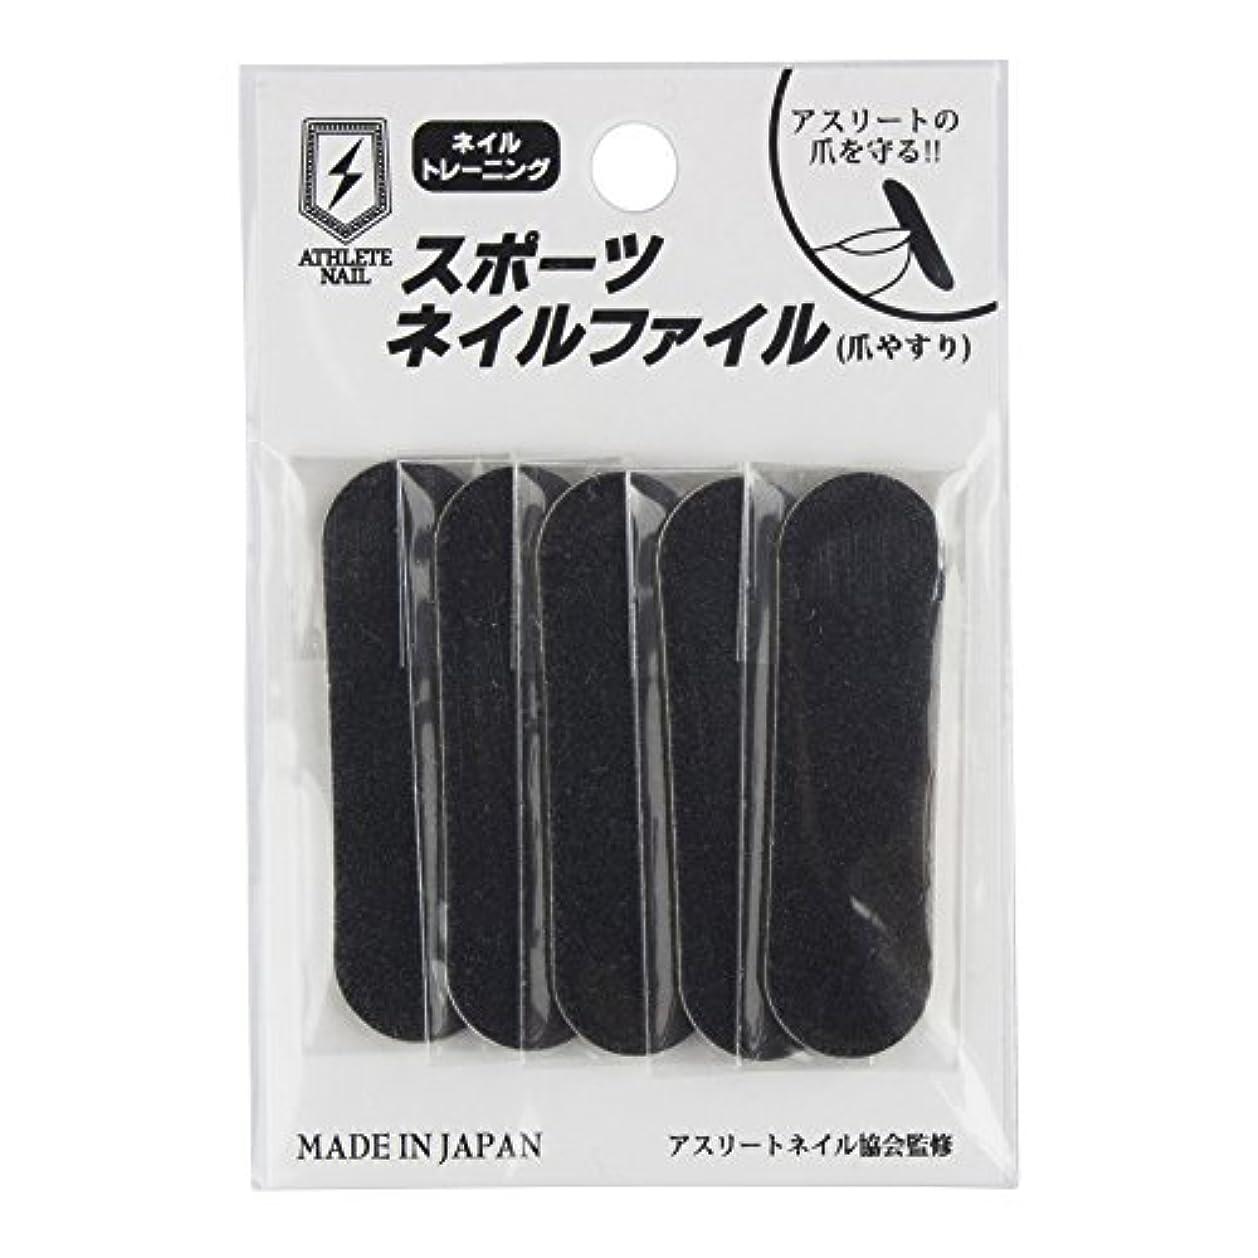 ナイトスポットジャケット方法アスリートネイル(Athlete Nail) スポーツネイルファイル 爪やすり 98572